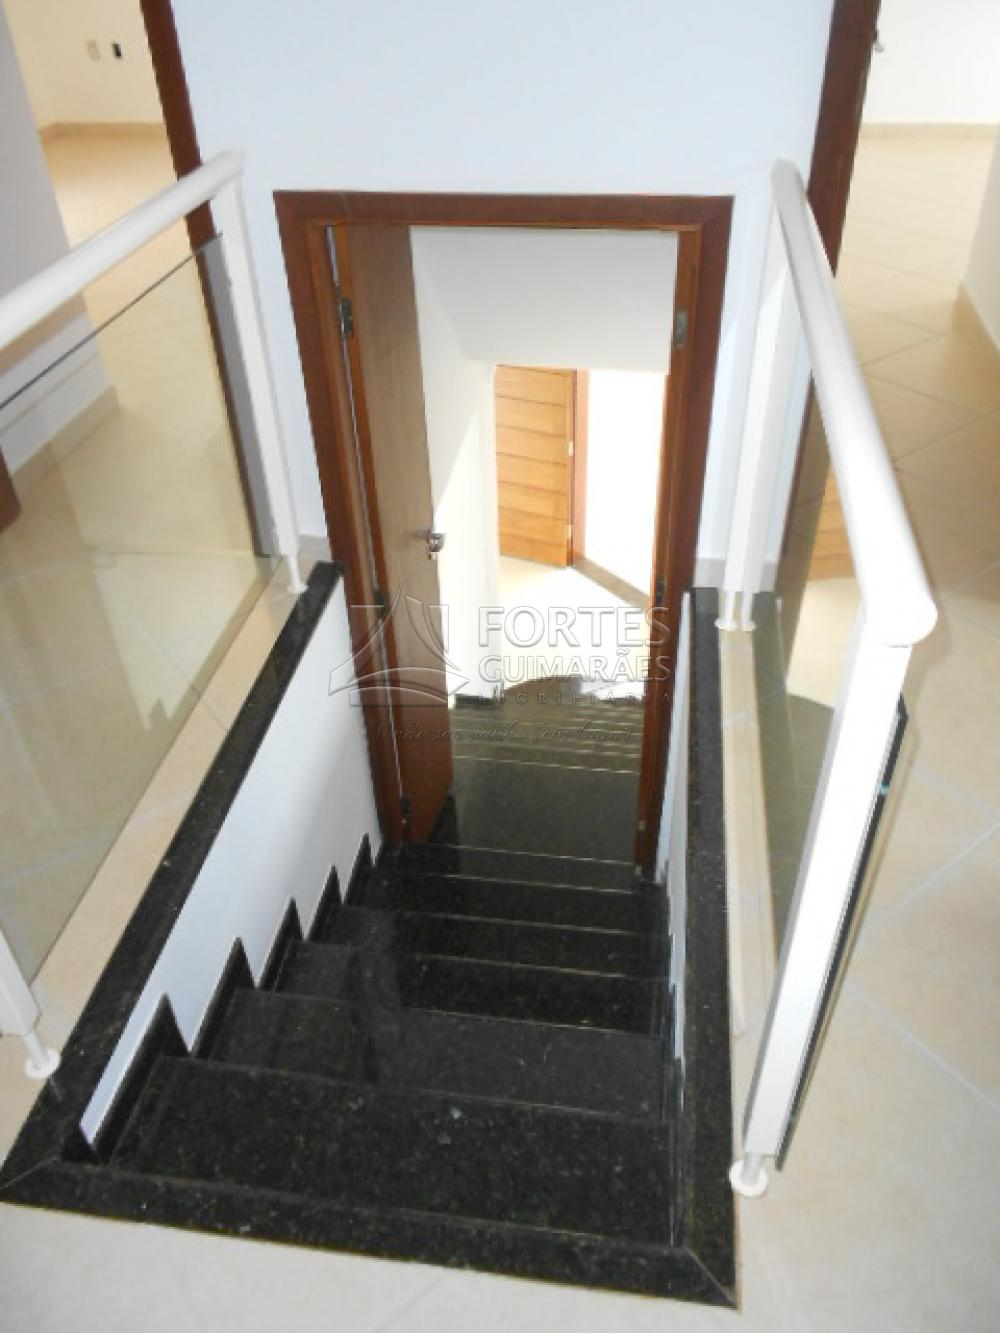 Alugar Casas / Padrão em Ribeirão Preto apenas R$ 3.500,00 - Foto 22